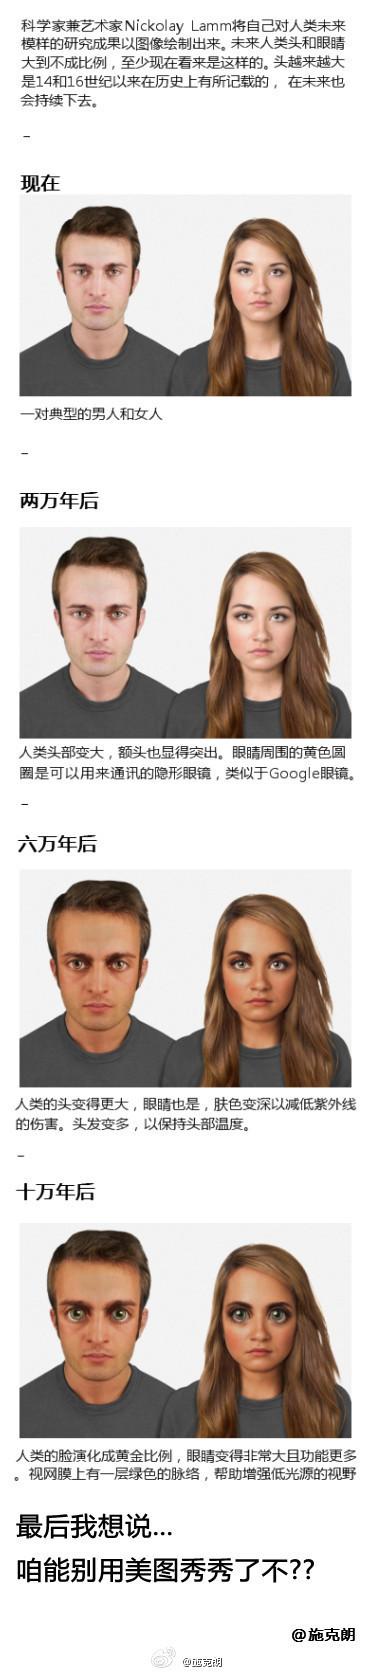 PS技术哪家强,中国山东找蓝翔,那些喜欢把自己眼睛P的大大的妹纸们,你们可是优先享受了人类十万年后的才有的先进文明啊